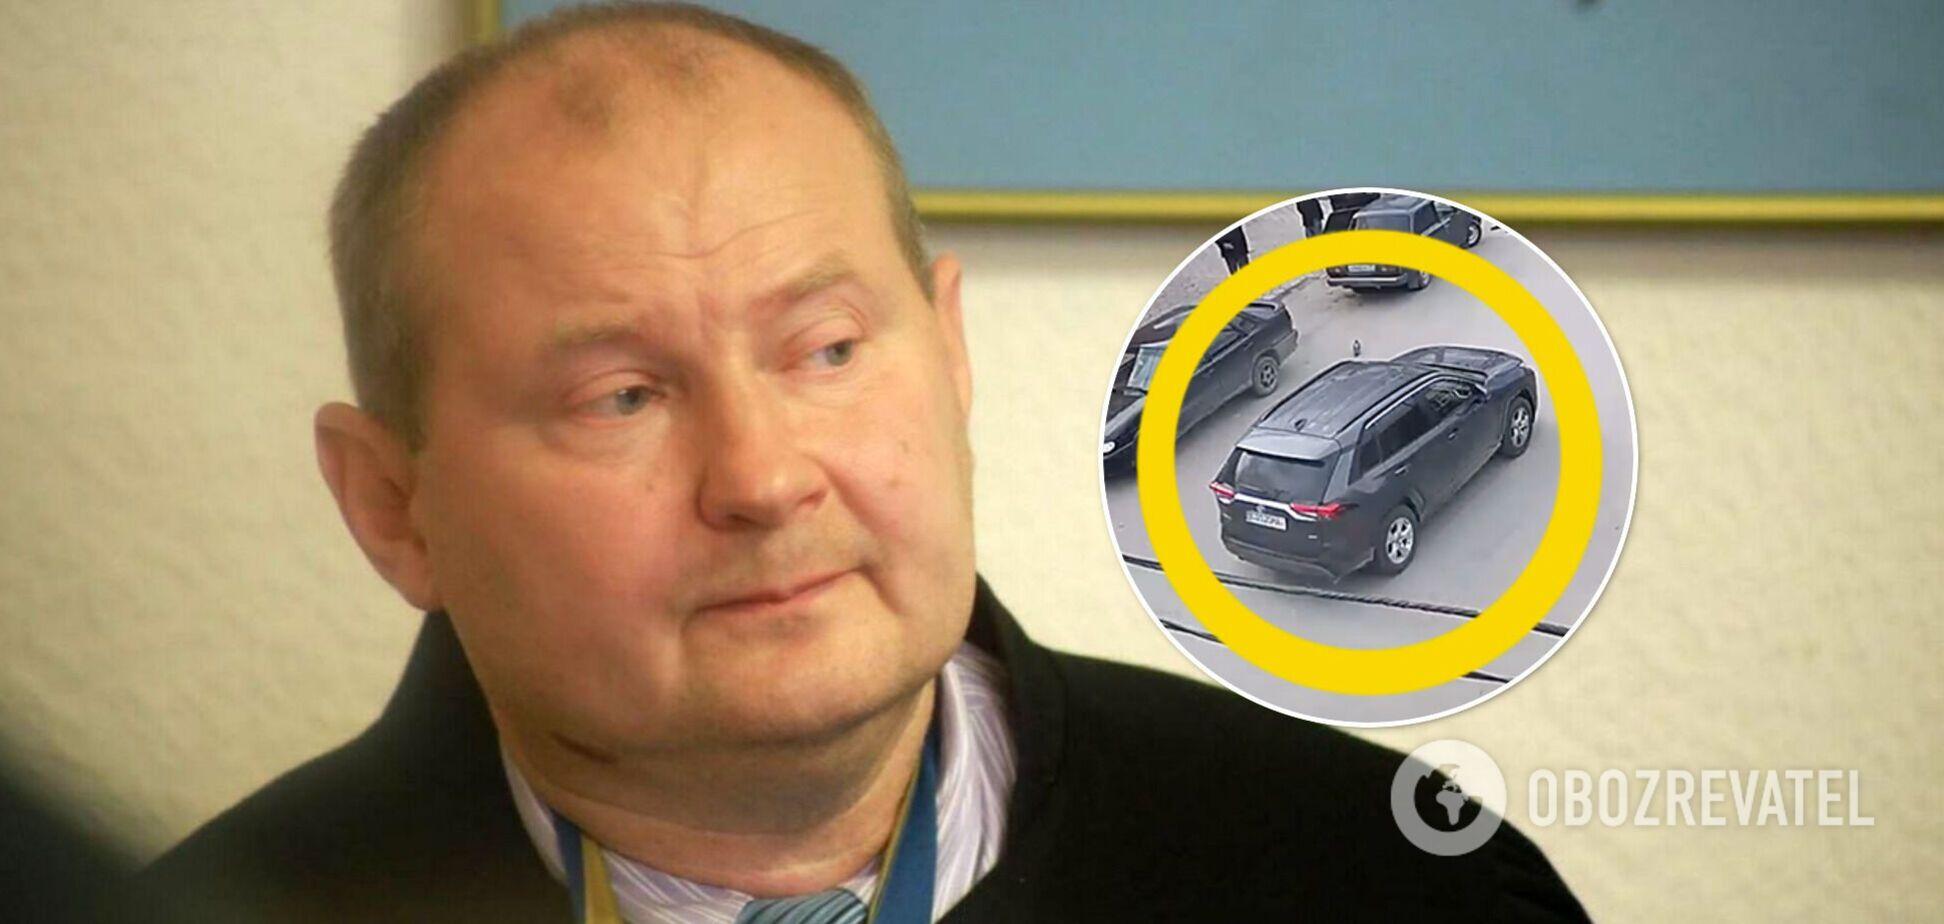 Вероятные похитители Чауса арендовали авто с GPS-маячками: расследователи установили маршрут